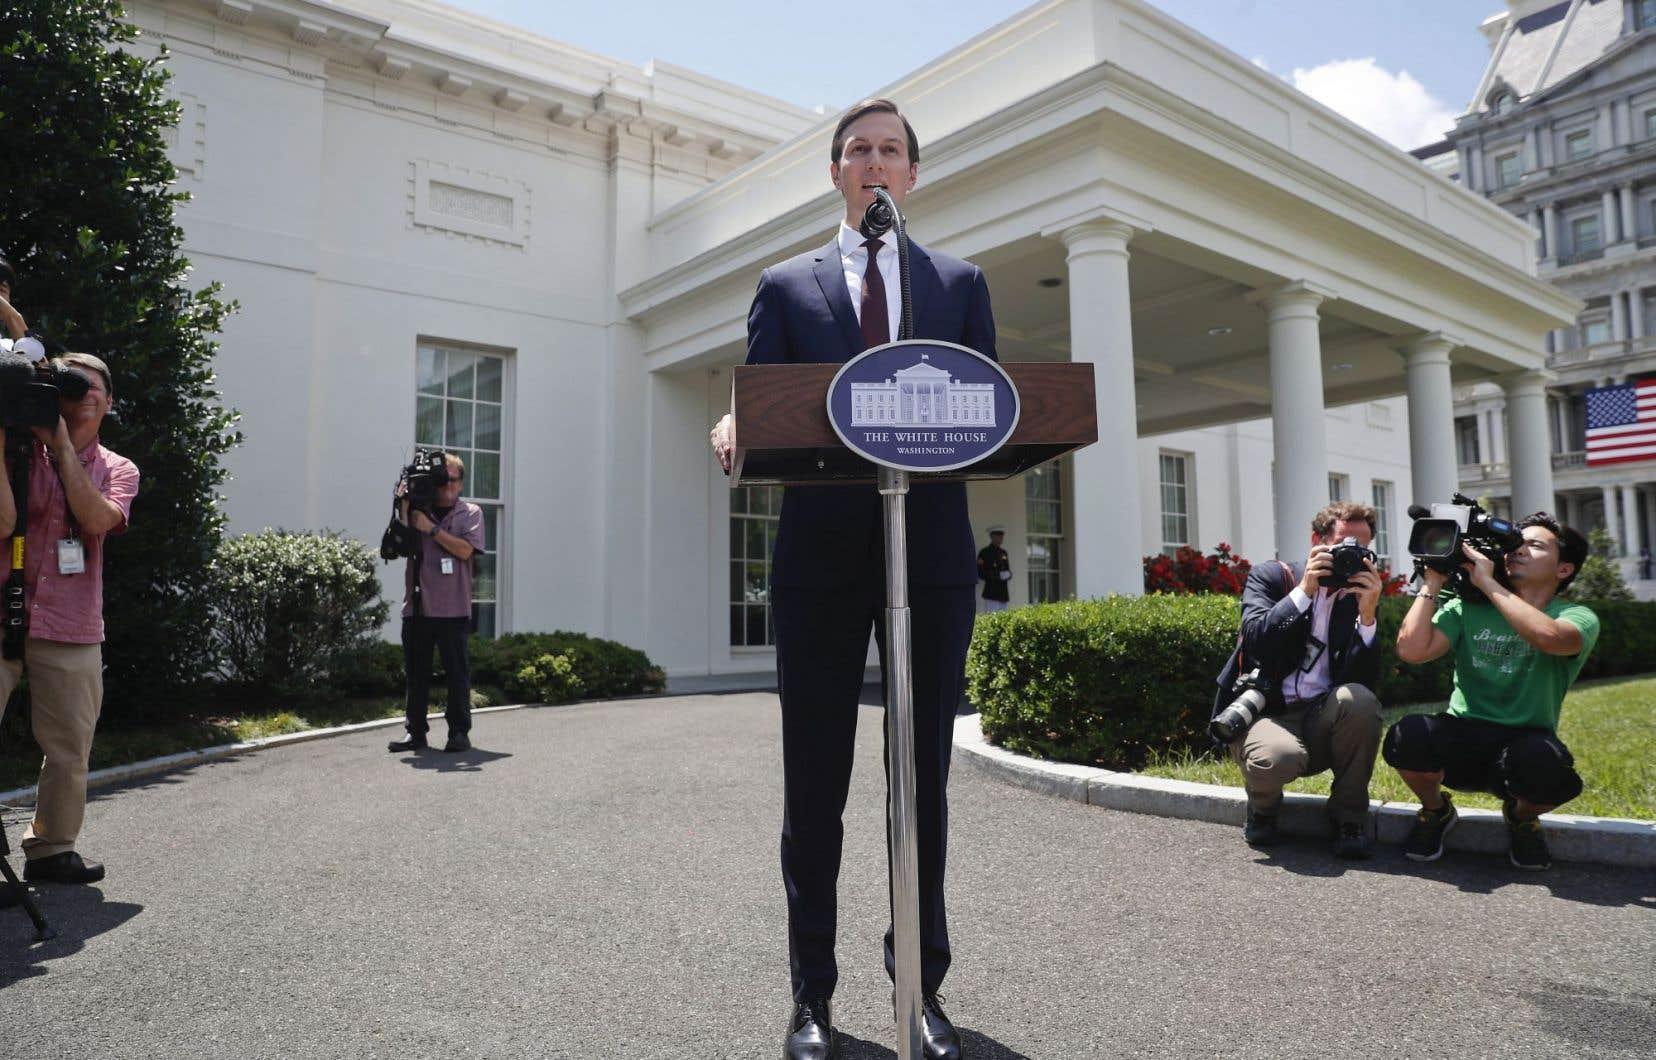 Jared Kushner, gendre et proche conseiller du président Donald Trump, a refusé de répondre aux questions des journalistes.